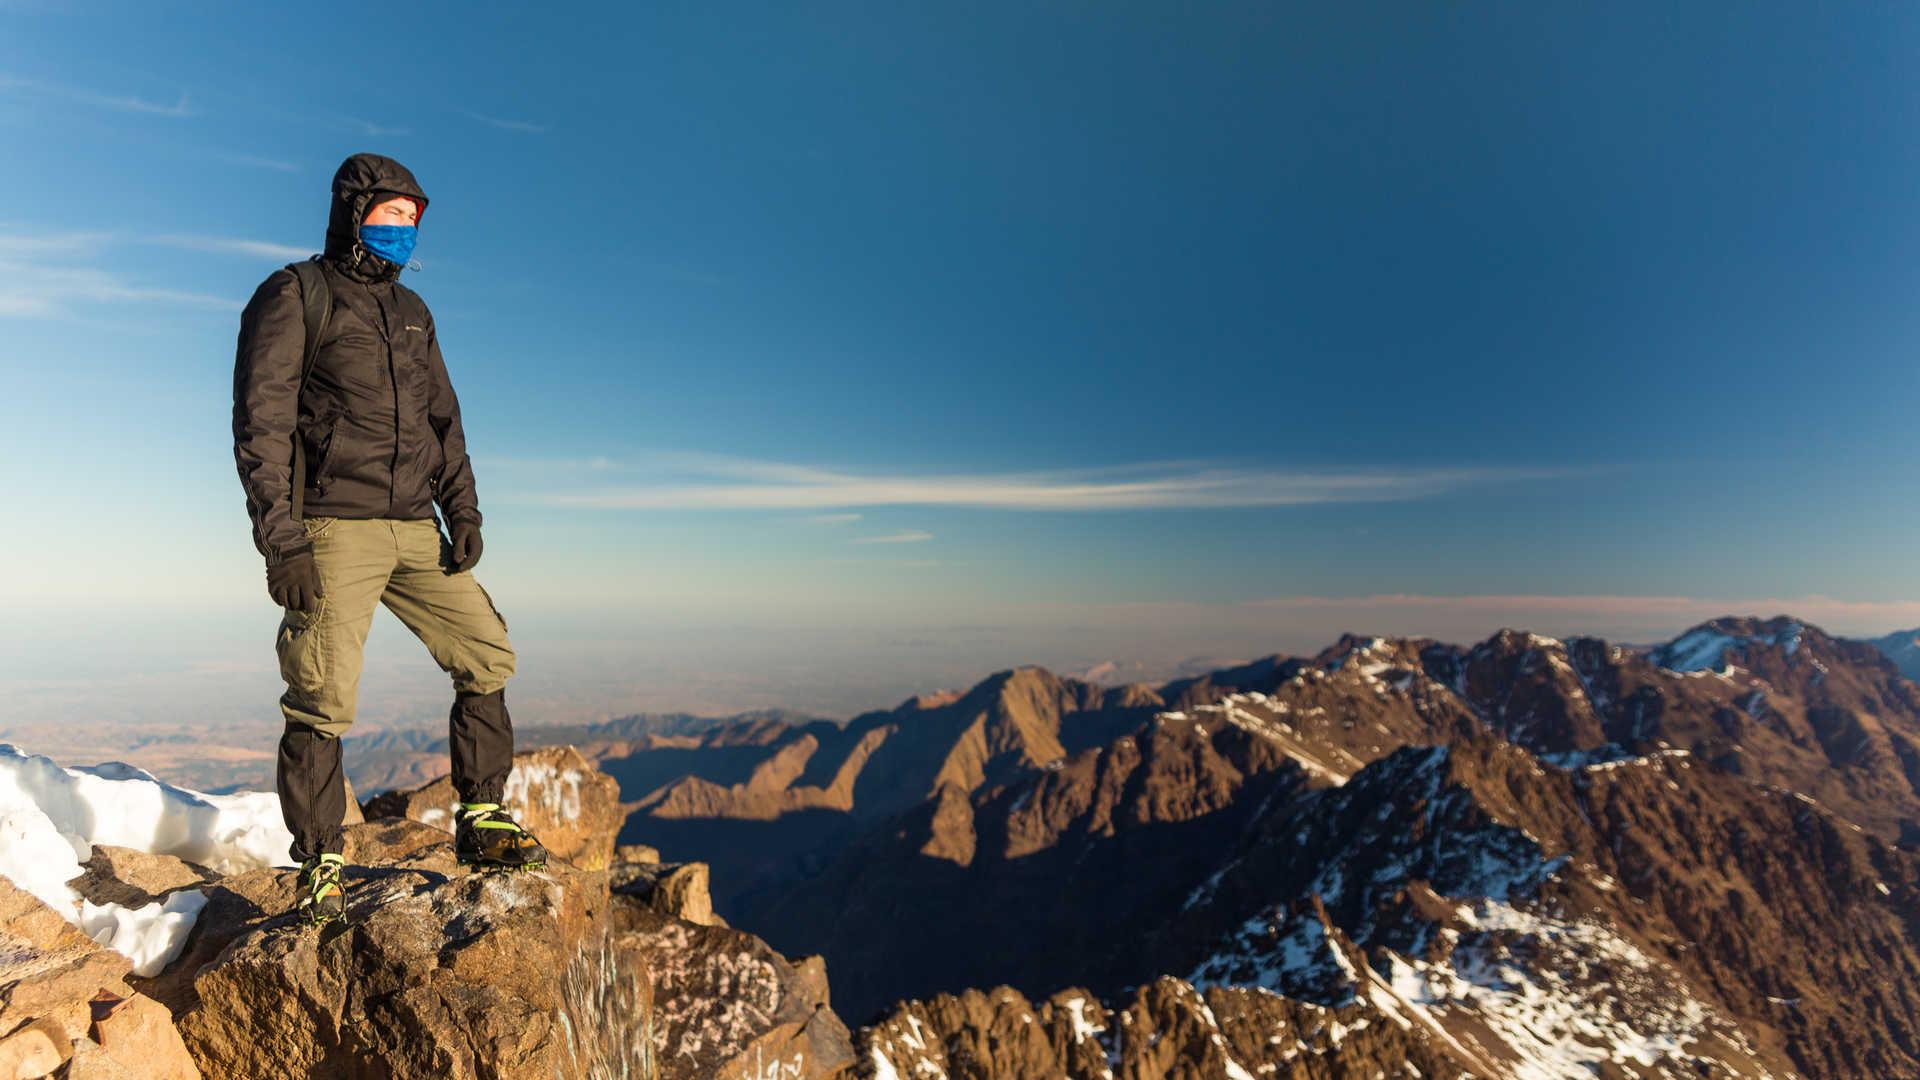 High on Mt Toubkal